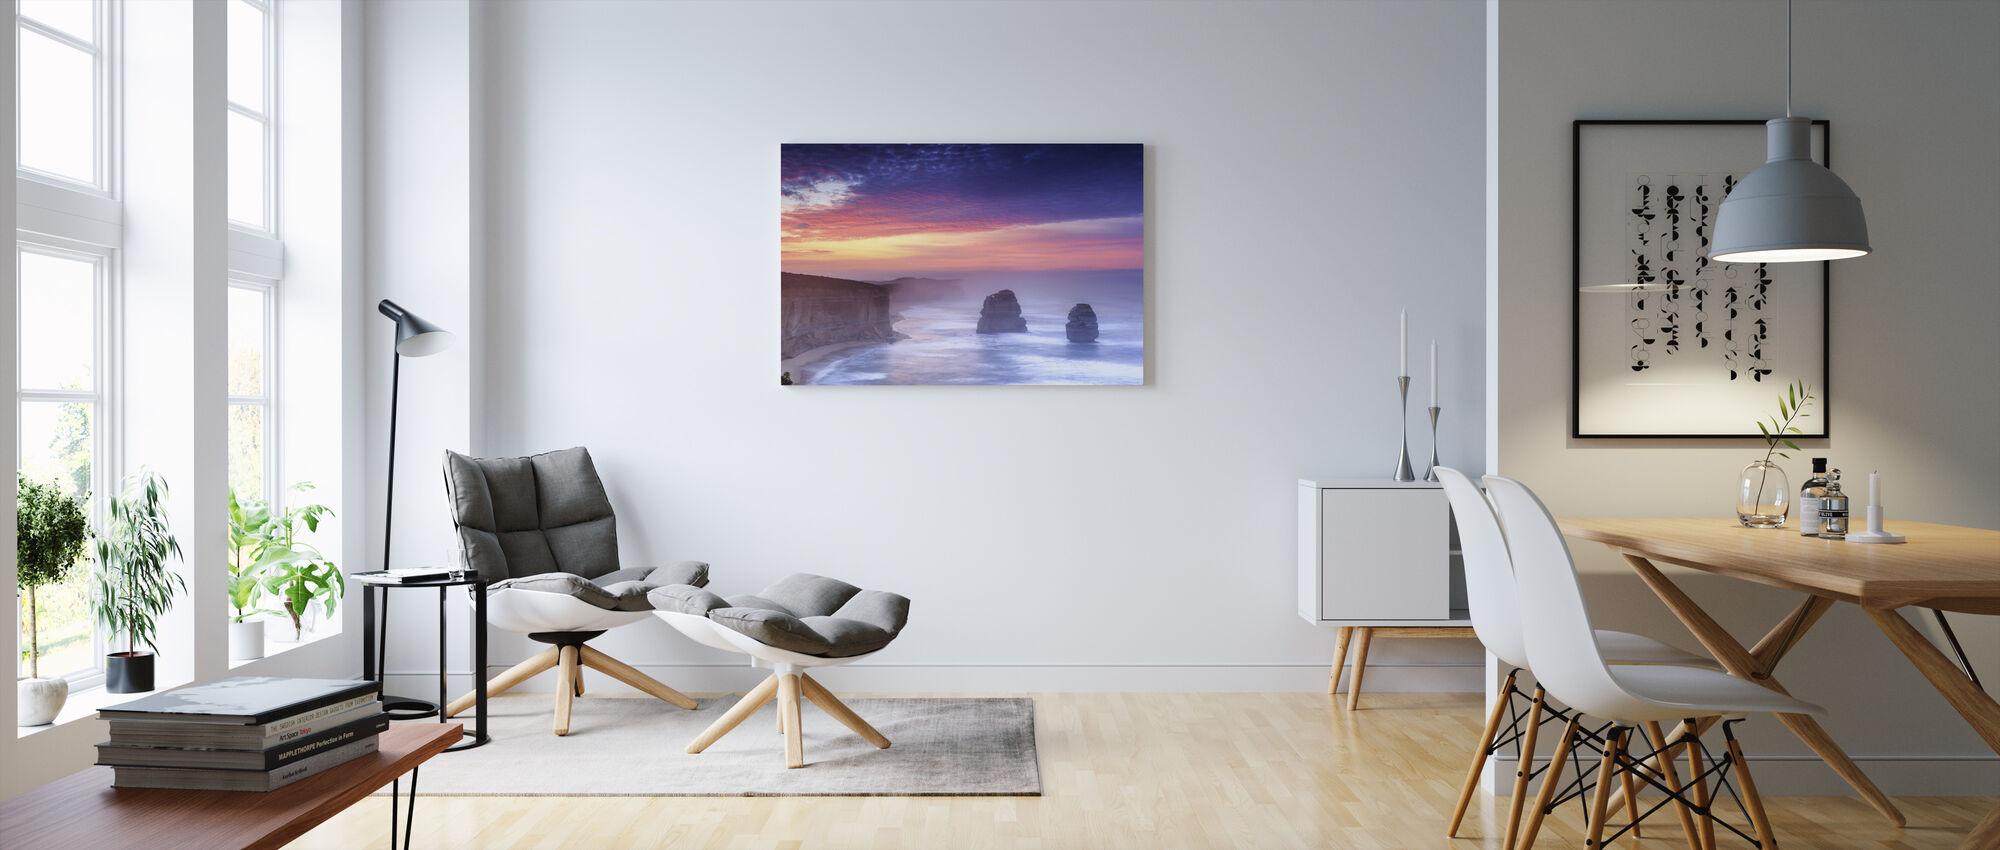 Australische kustlijn - Canvas print - Woonkamer